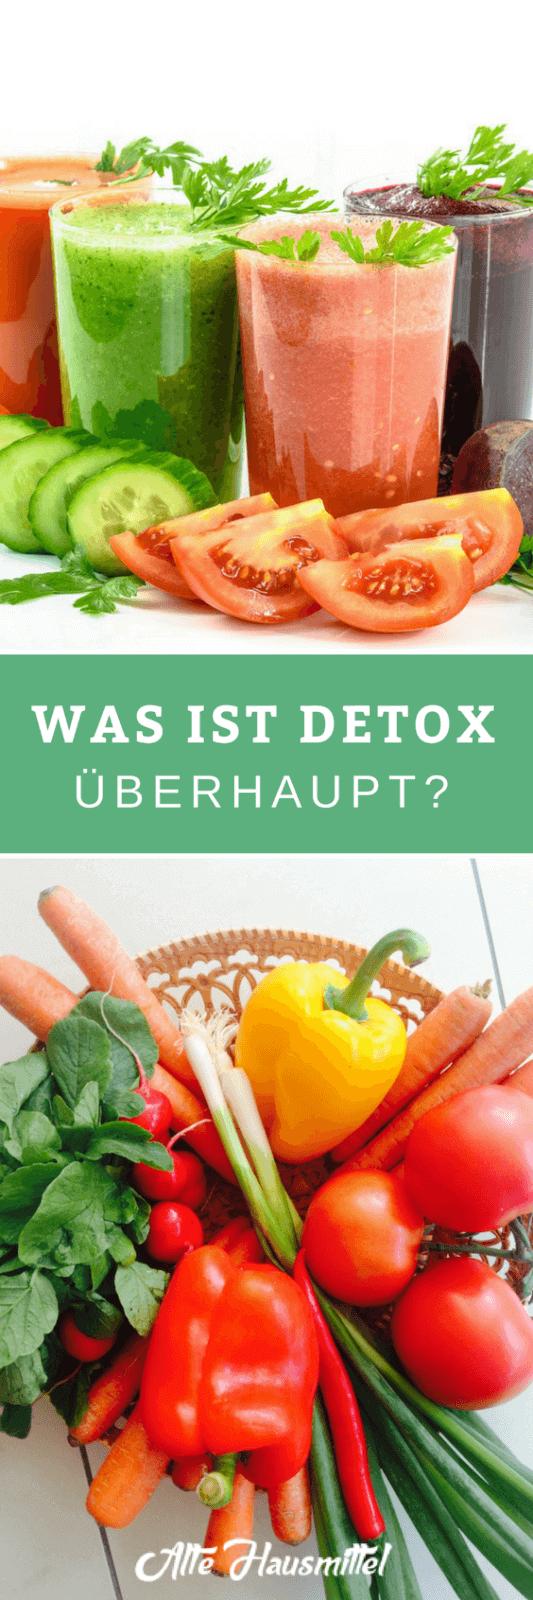 Was ist Detox überhaupt? ✓ Welche Möglichkeiten einer Detox Kur gibt es? ✓ Welche Detox Methoden kann man anwenden? ✓ Eine Liste mit Detox Nahrungsmitteln ✓